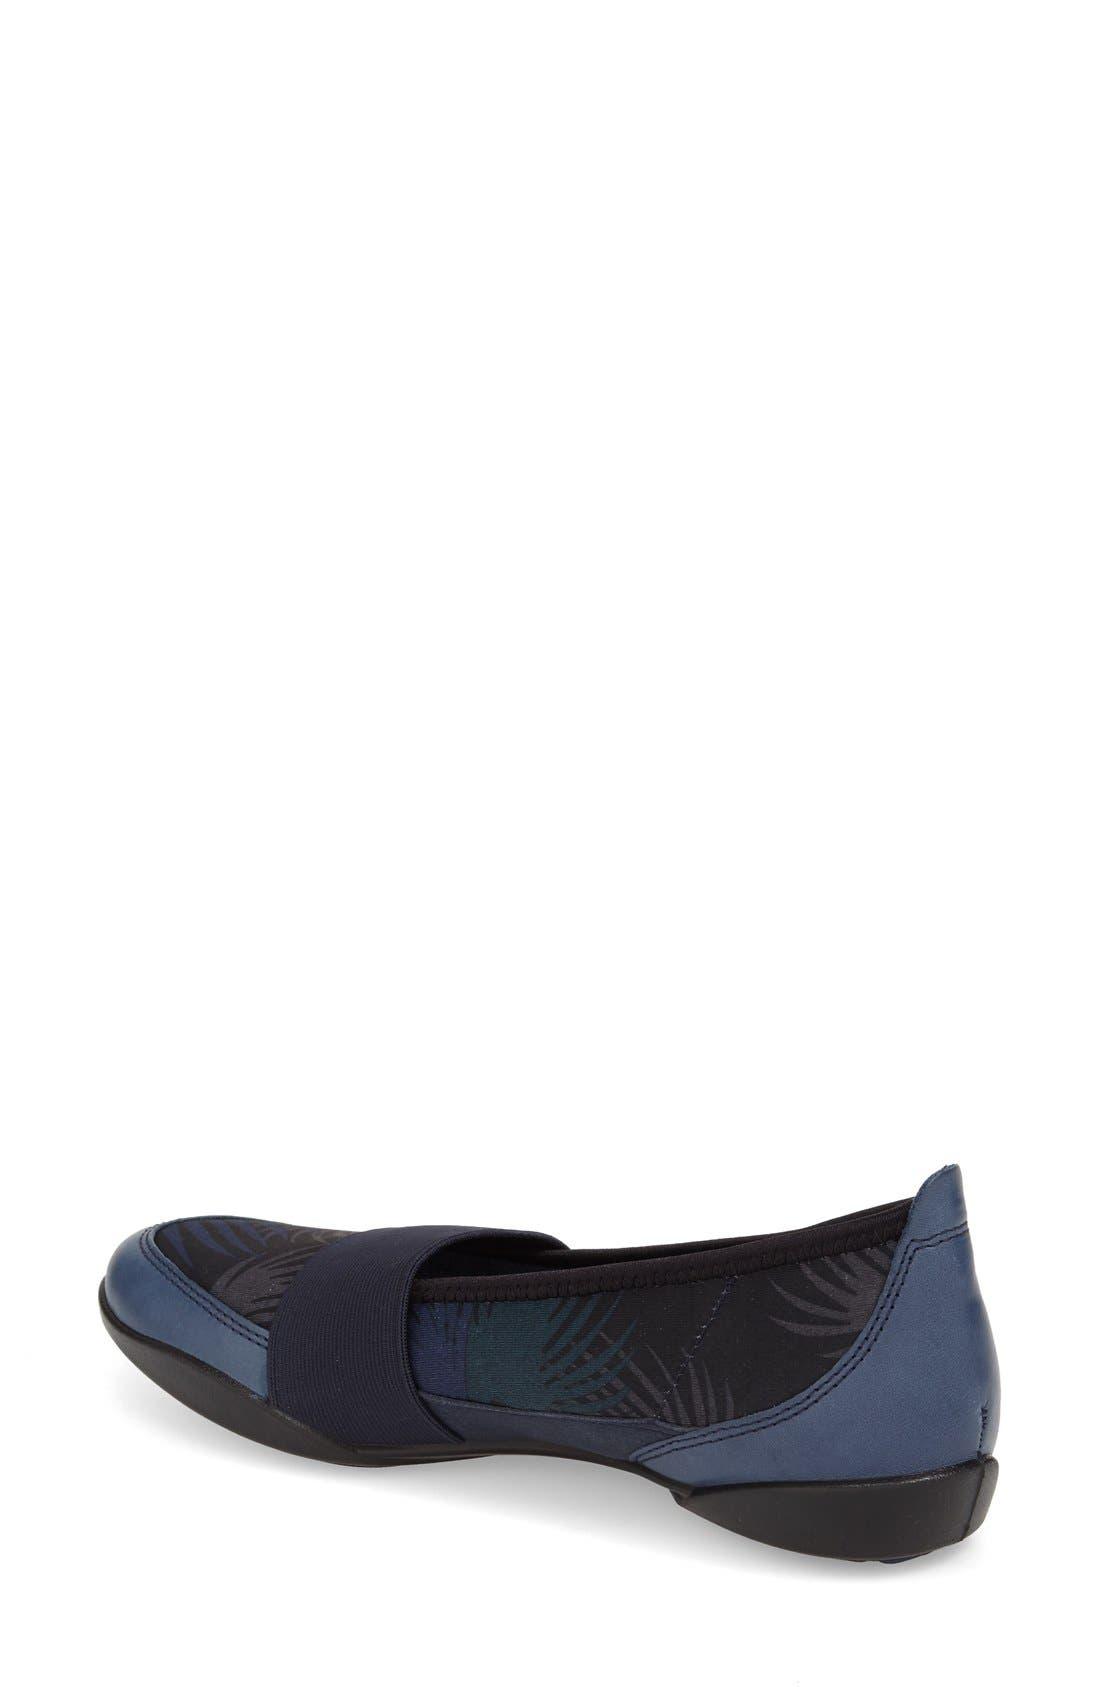 'Bluma' Slip-On Sneaker,                             Alternate thumbnail 12, color,